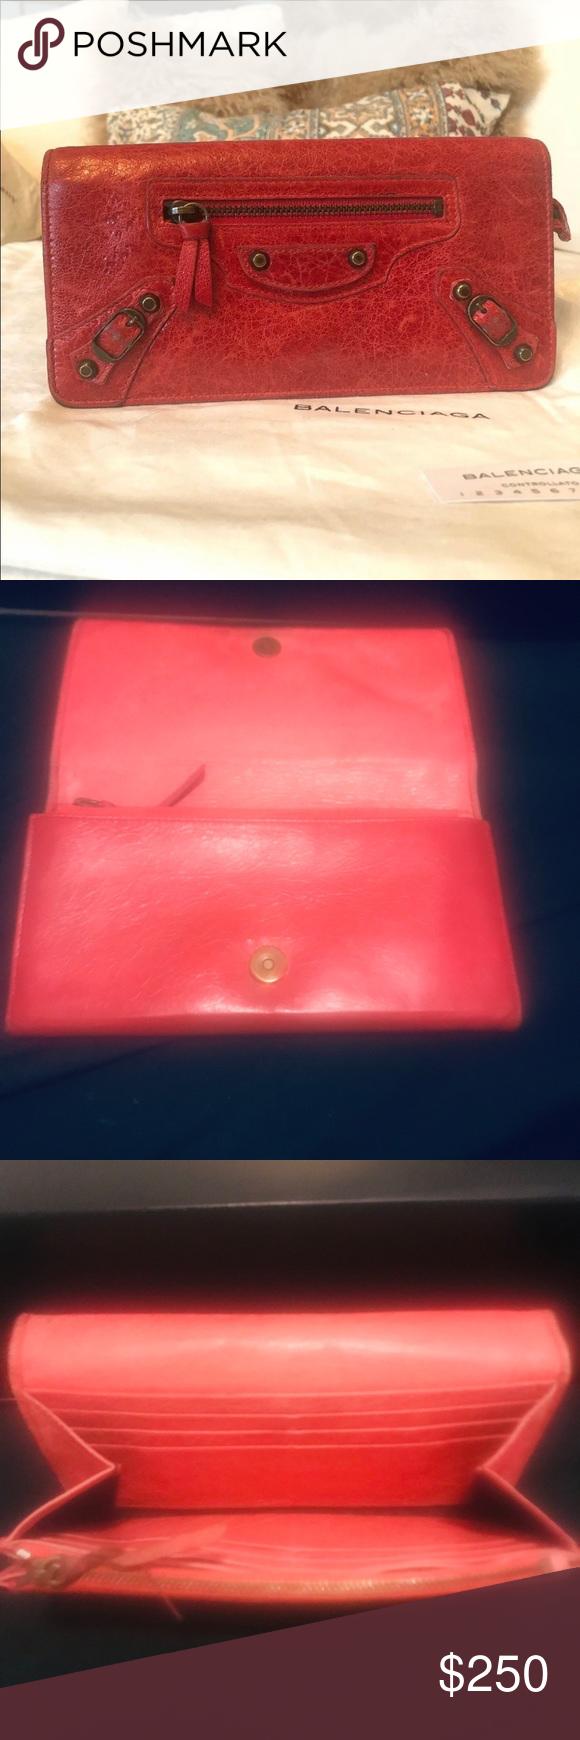 Balenciaga Classic Continental Wallet Balenciaga Bag Wallet Balenciaga